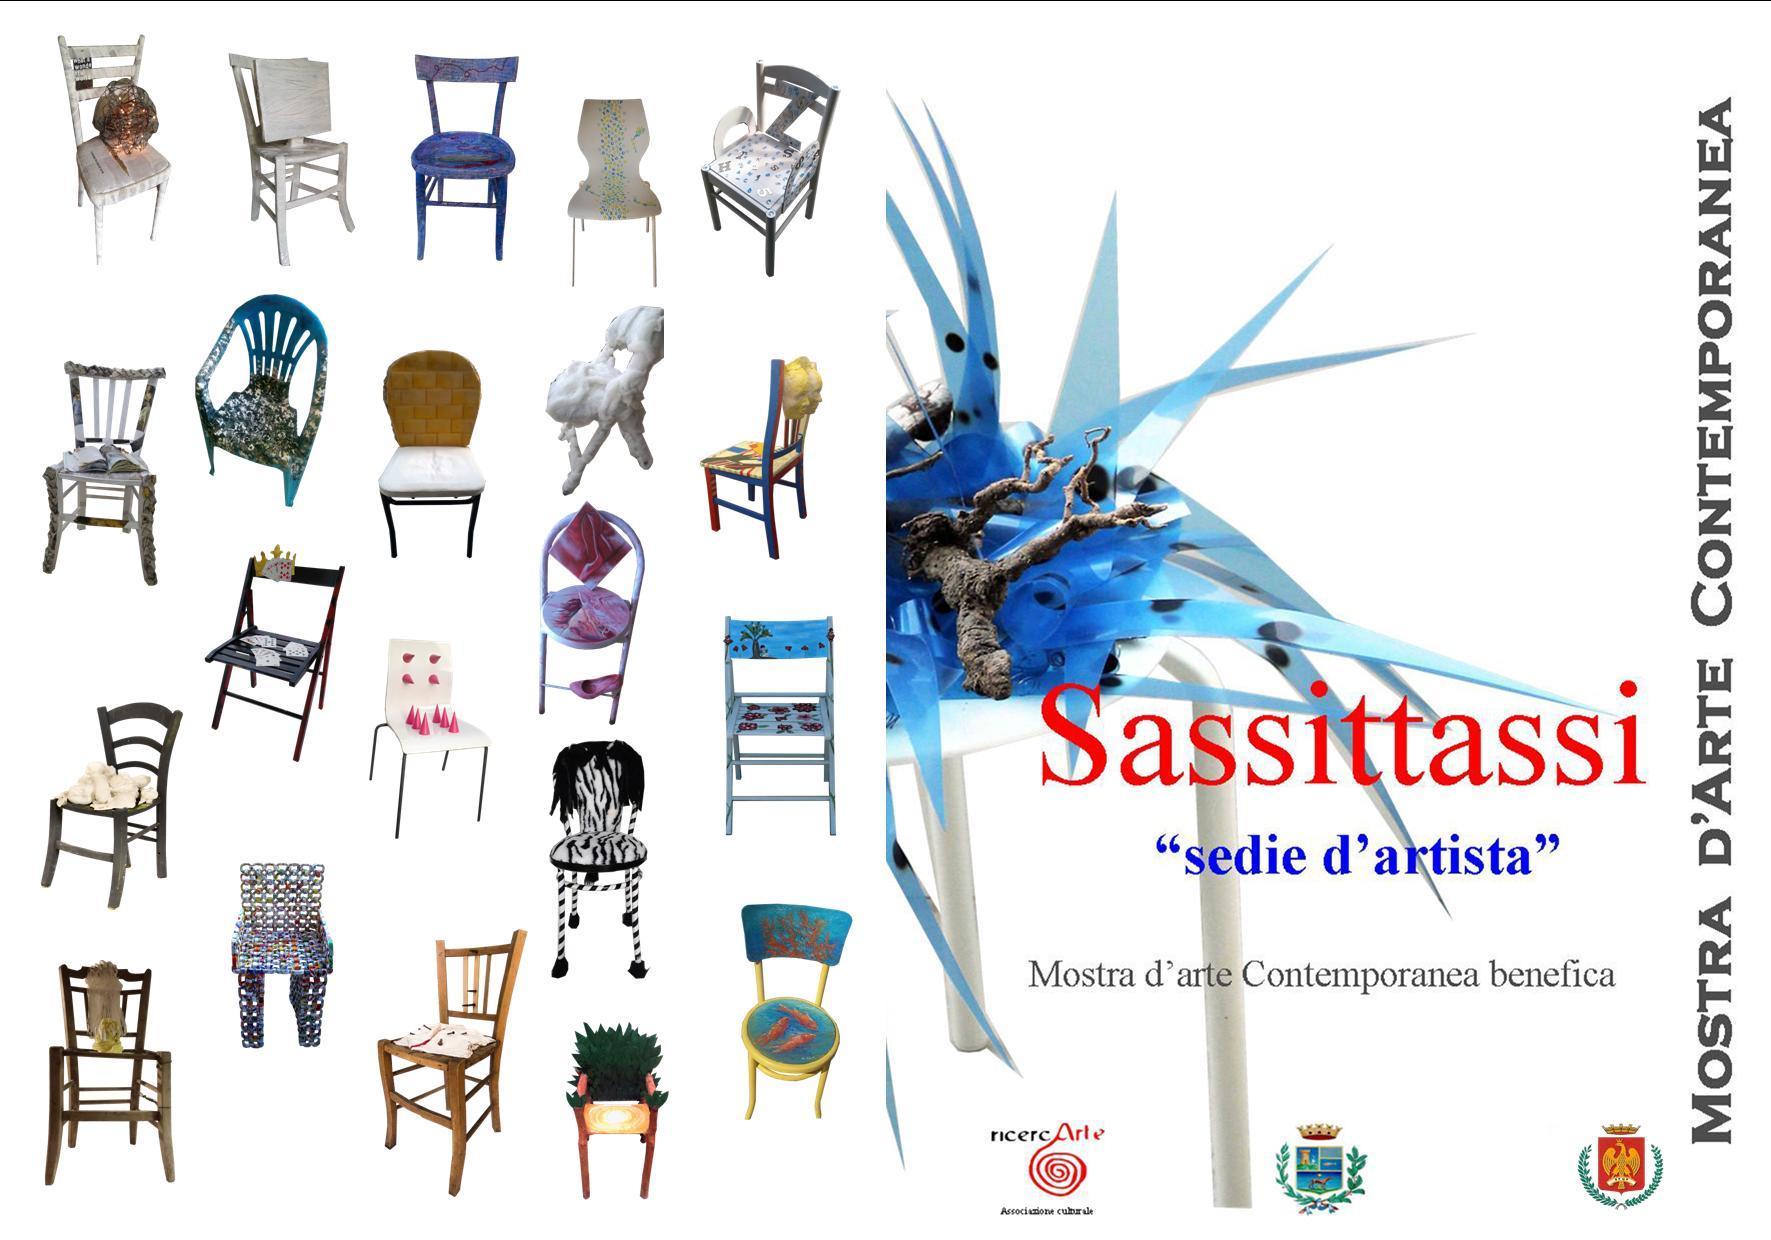 COMUNICATO STAMPA SASSITTASSI : SEDIE D'ARTISTA. Mostra d'Arte Contemporanea Benefica 8 / 21 Aprile 2017 – Castello La Grua Talamanca, Carini